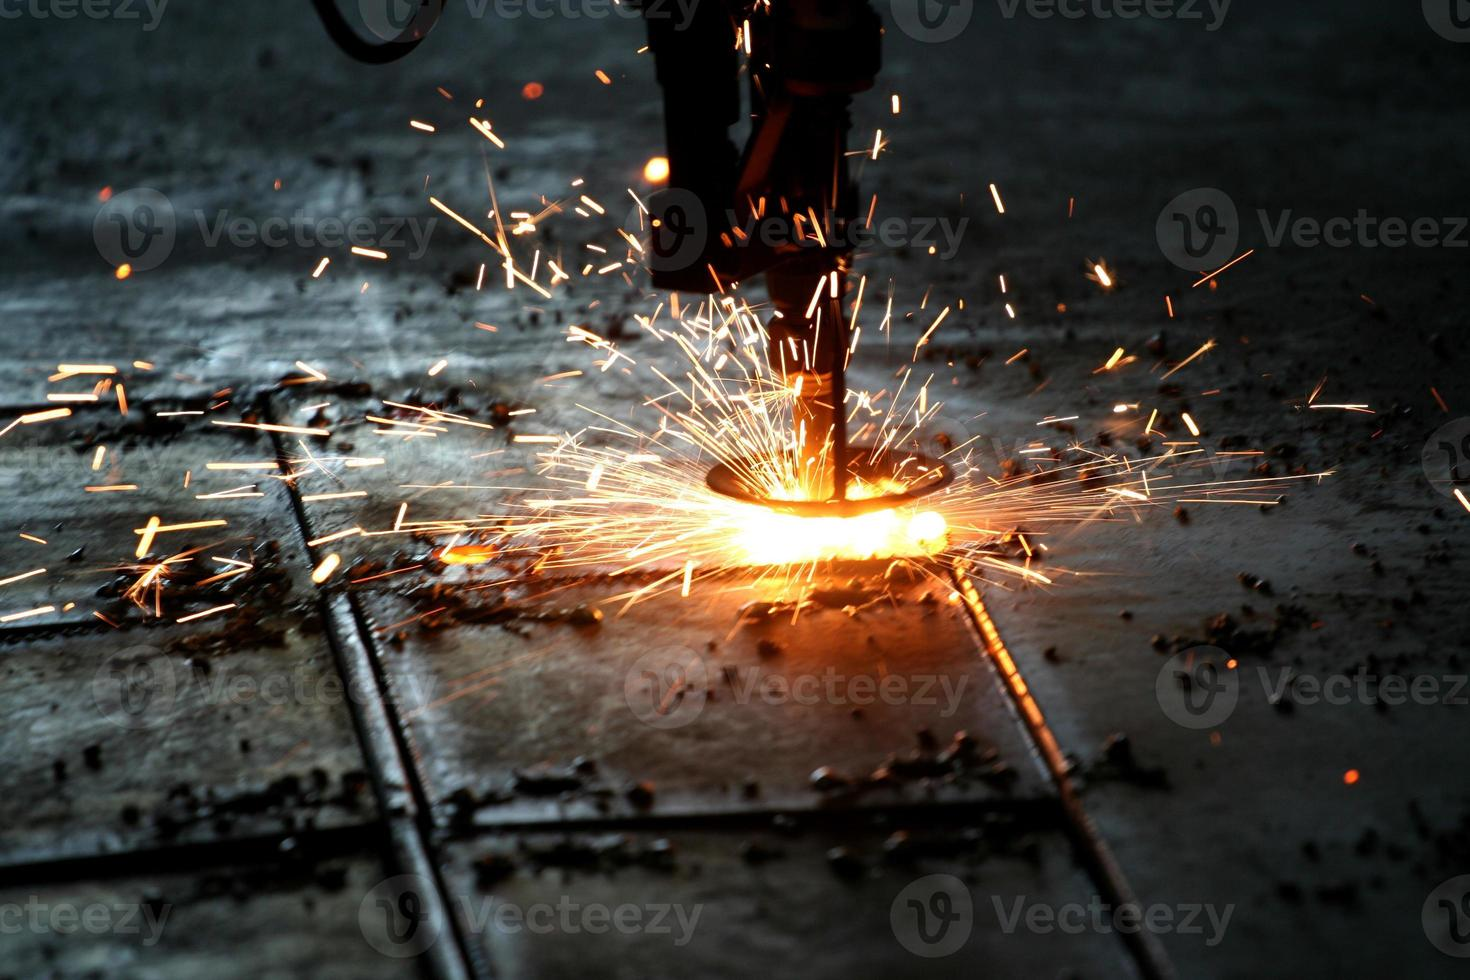 découpage laser industriel métal avec étincelles photo